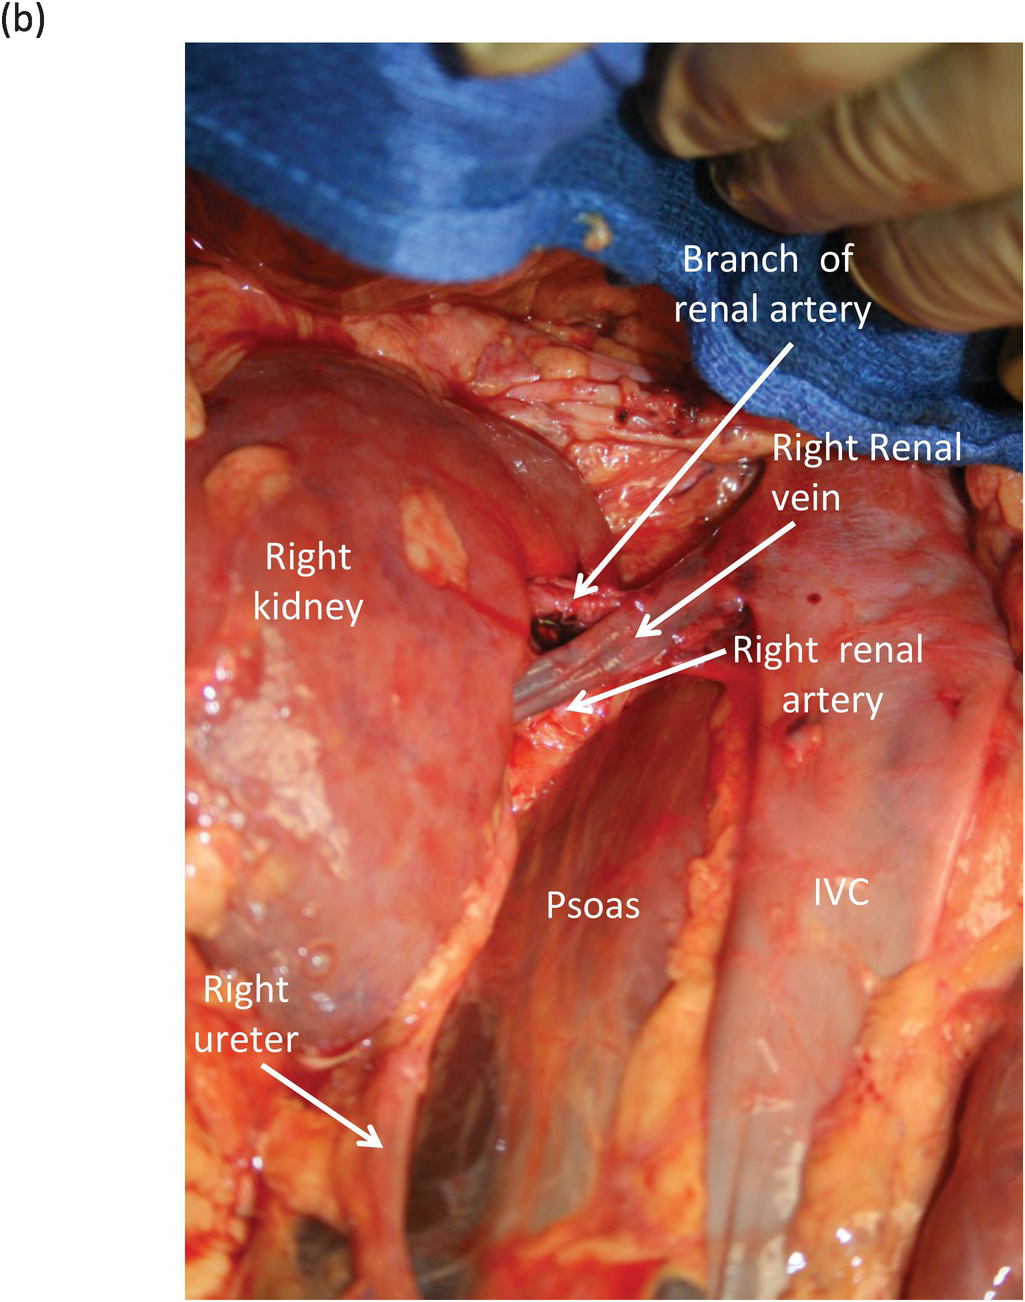 ureteral renal vein